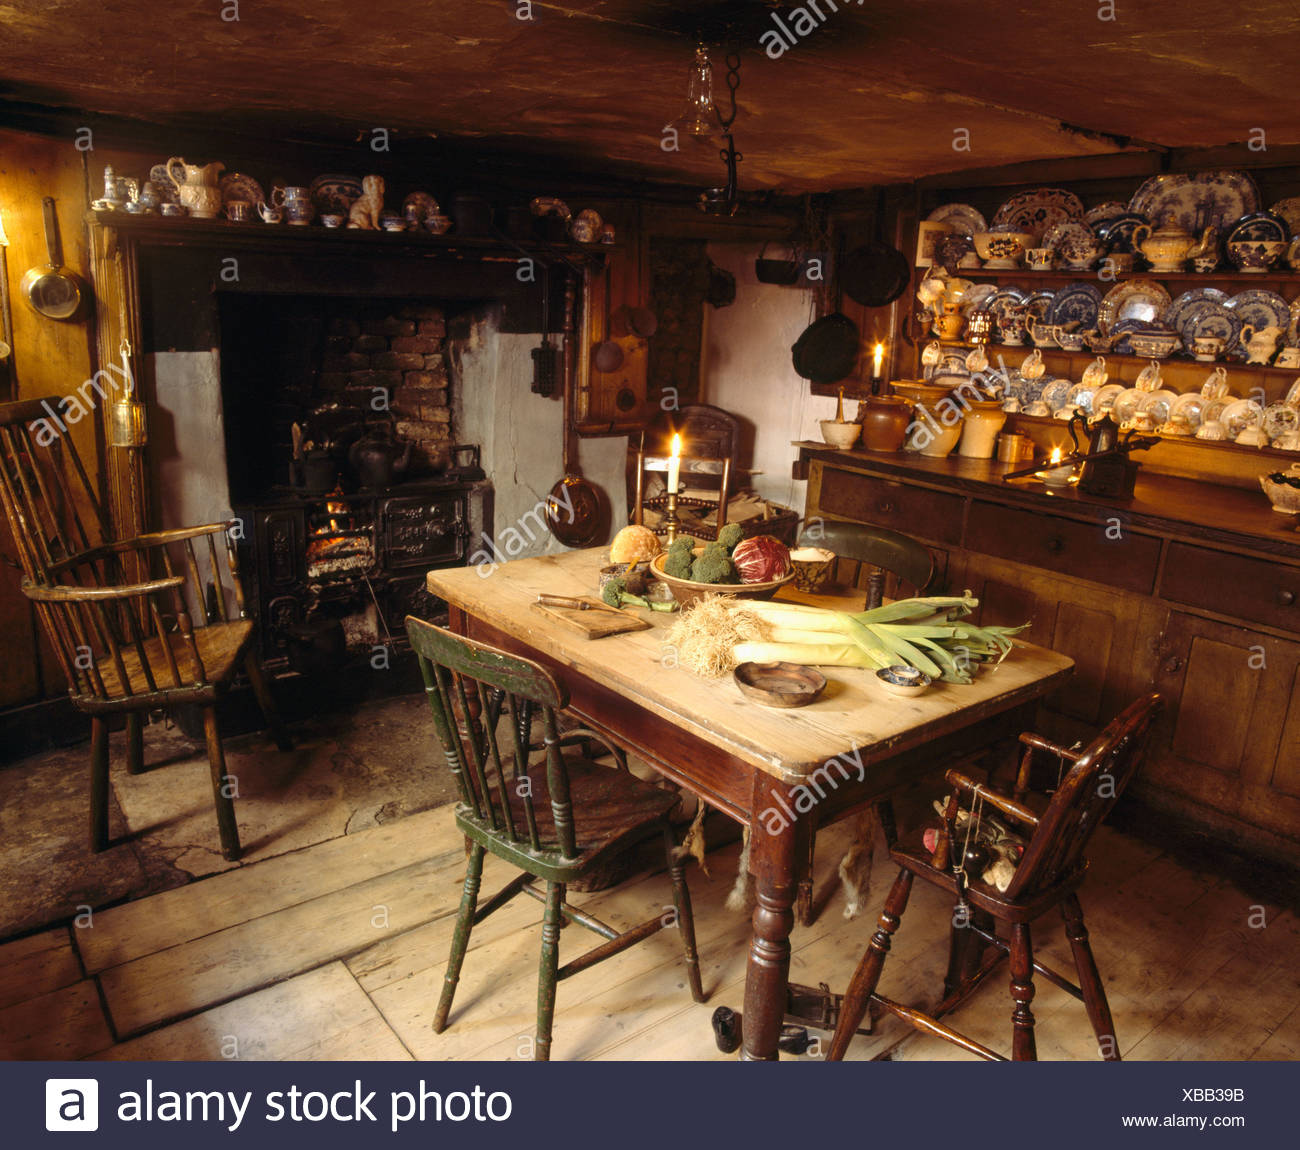 Alte Kiefern Tisch Und Kommode In Altmodischen Küche Esszimmer Mit